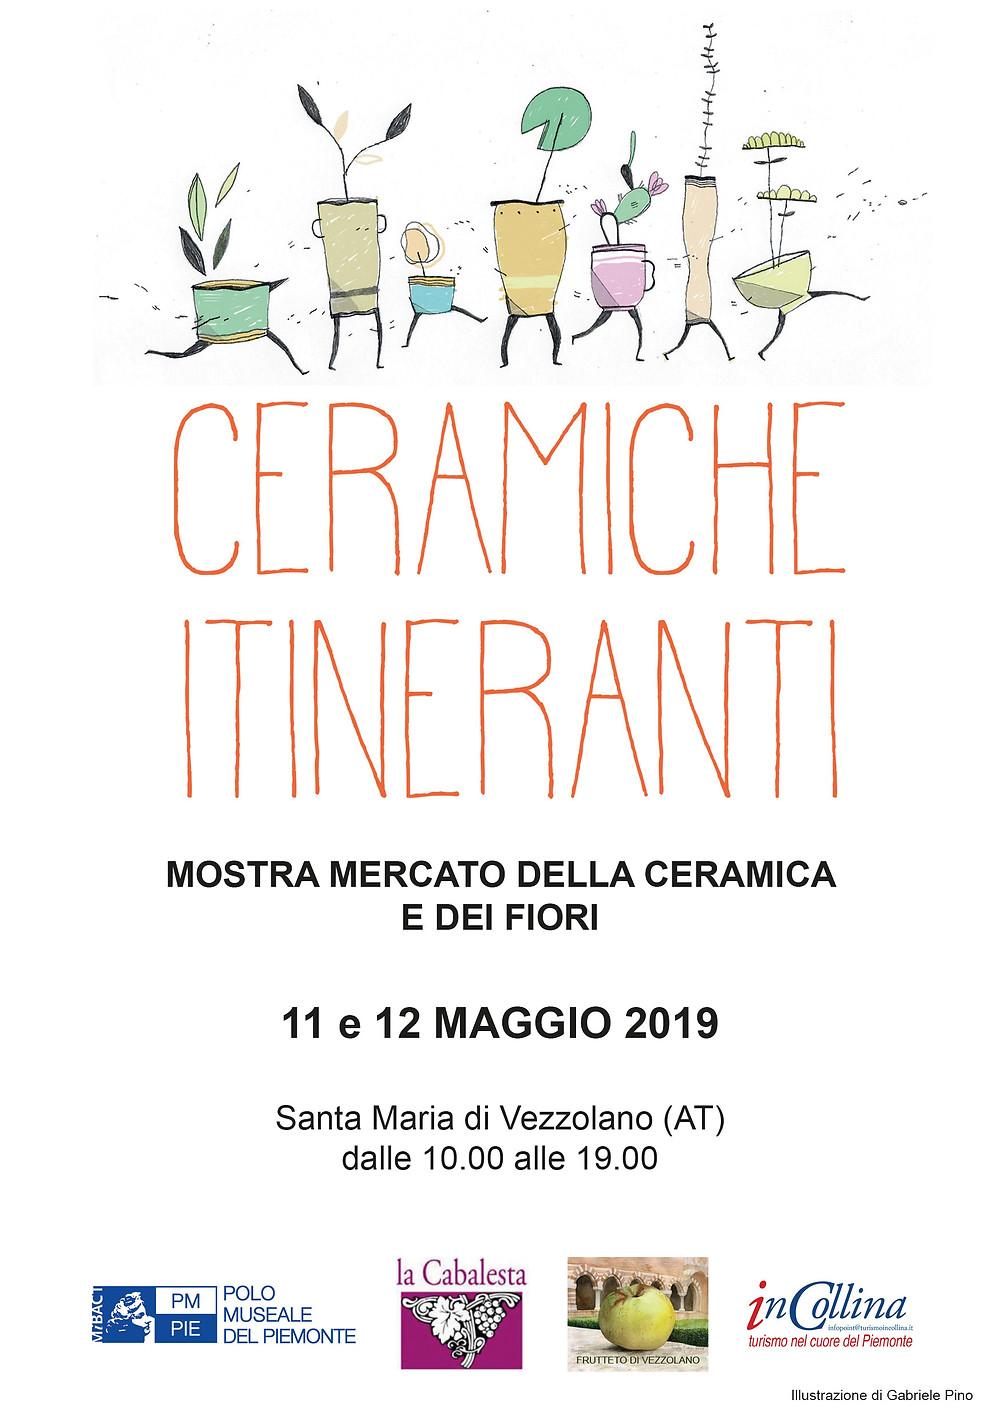 Nericata a Ceramice Itineranti, 11-12 maggio 2019 all'Abbazia di Vezzolano